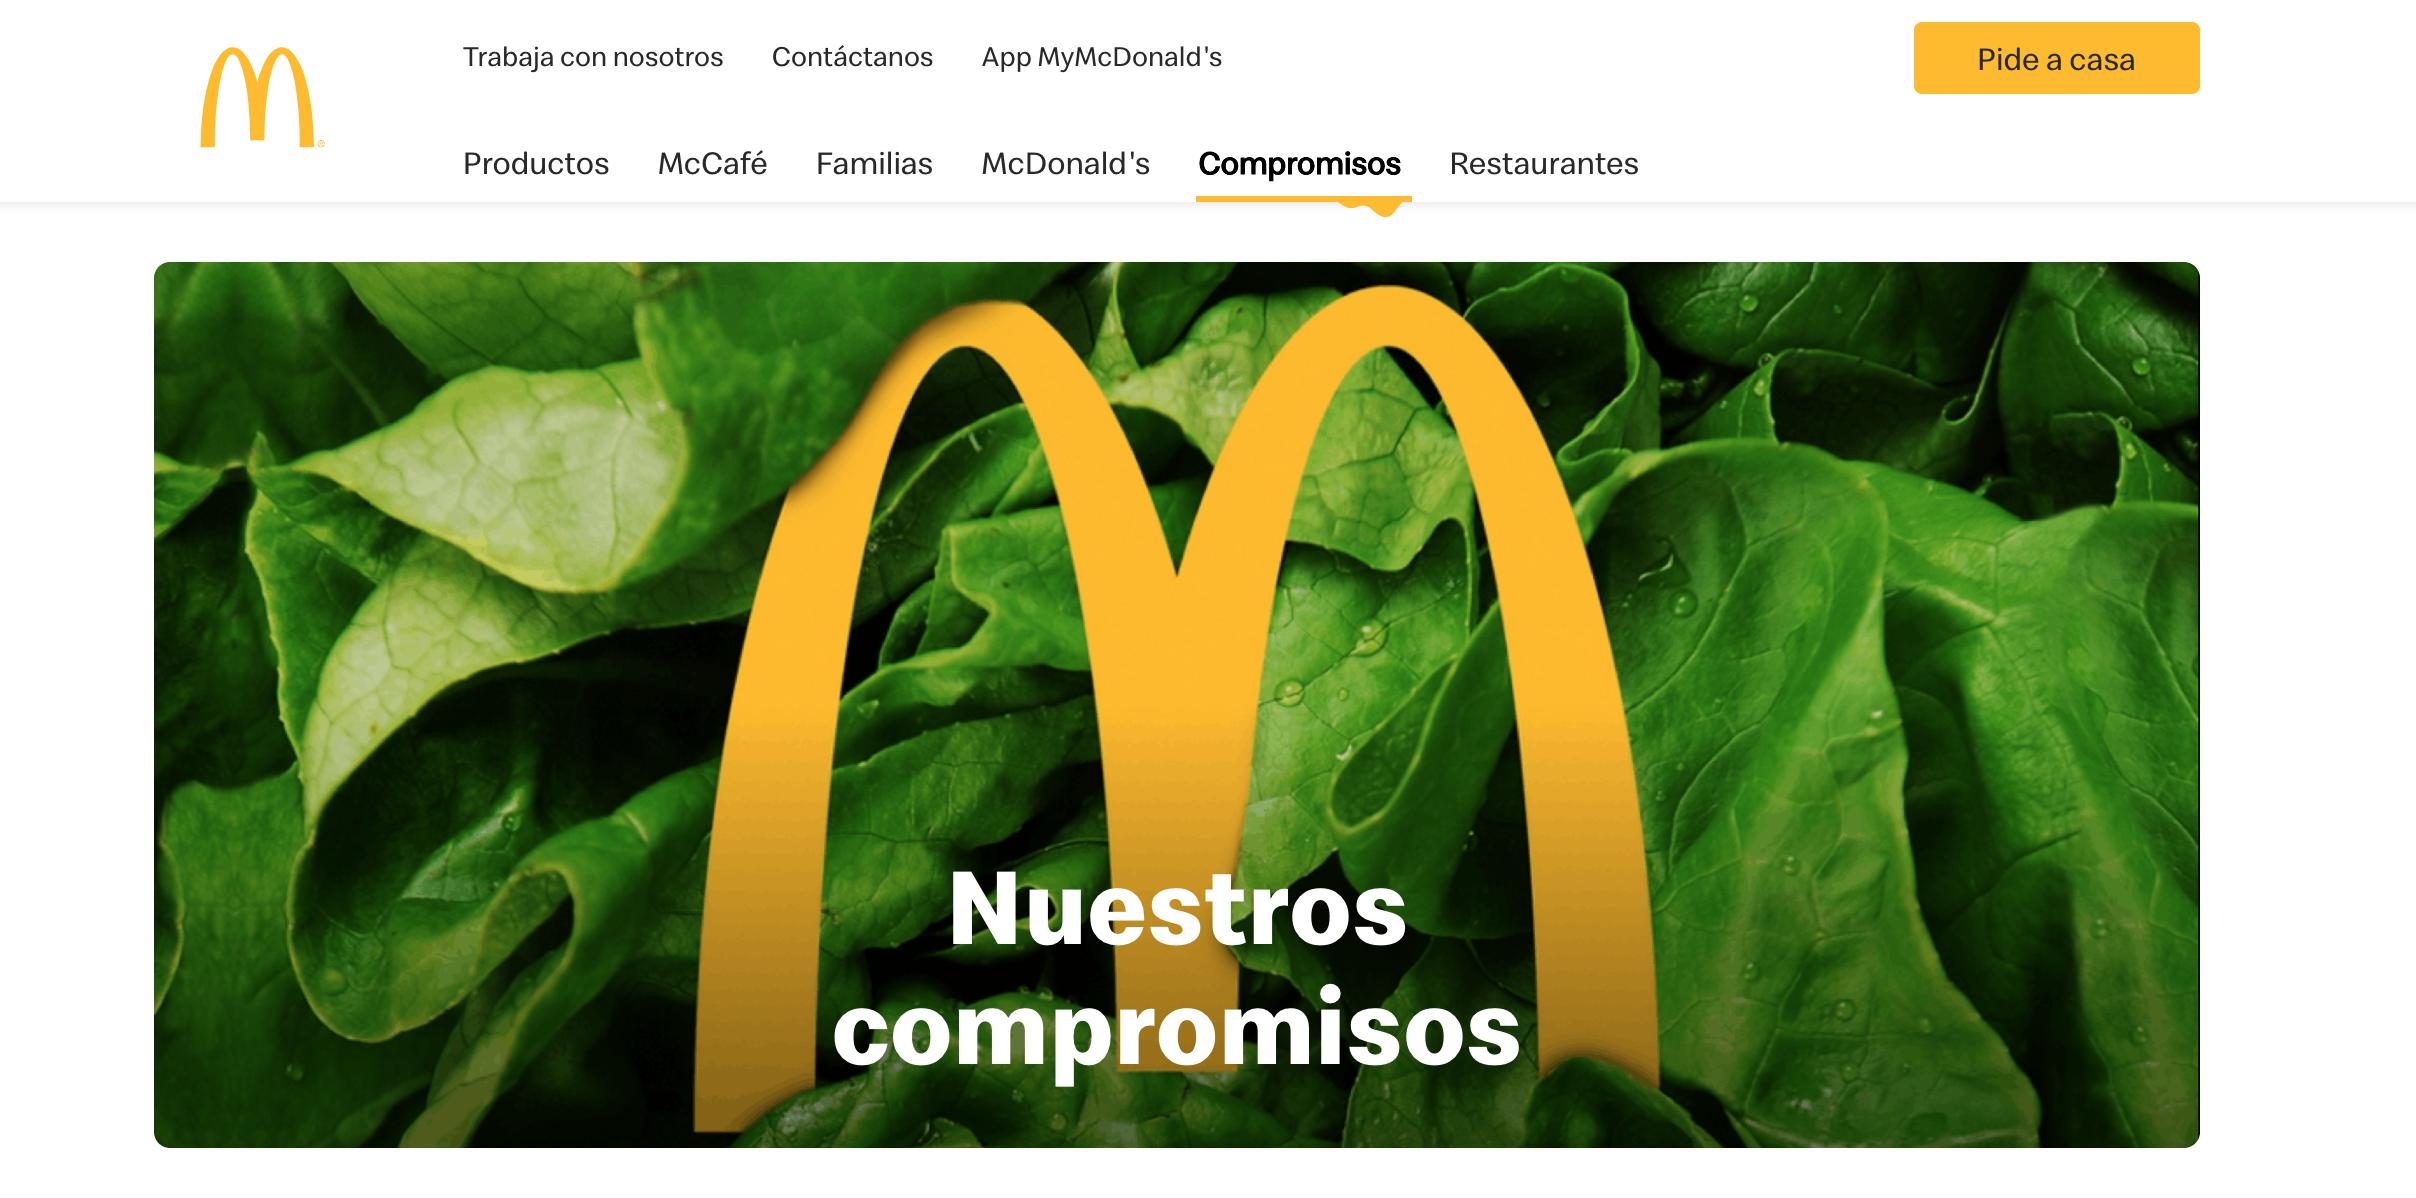 personalidad de marca guardaespaldas McDonald's